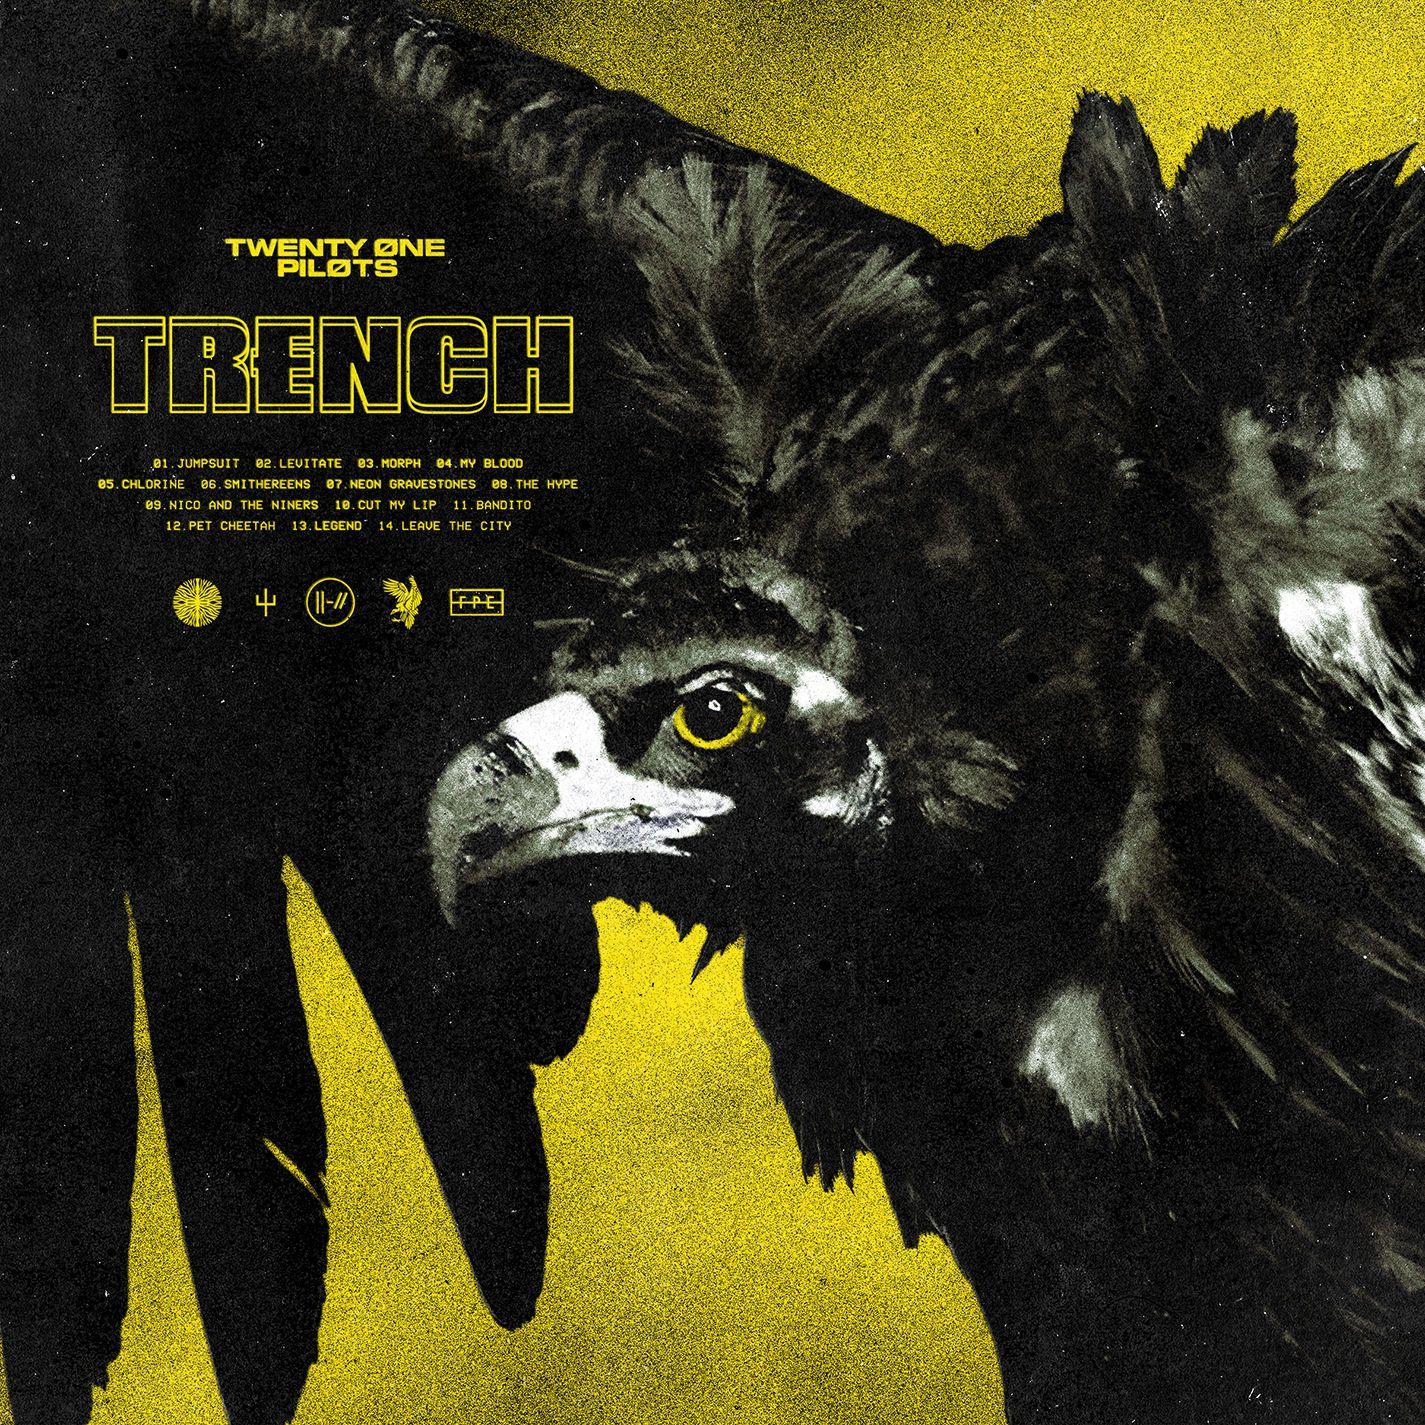 Twenty One Pilots - Trench album cover